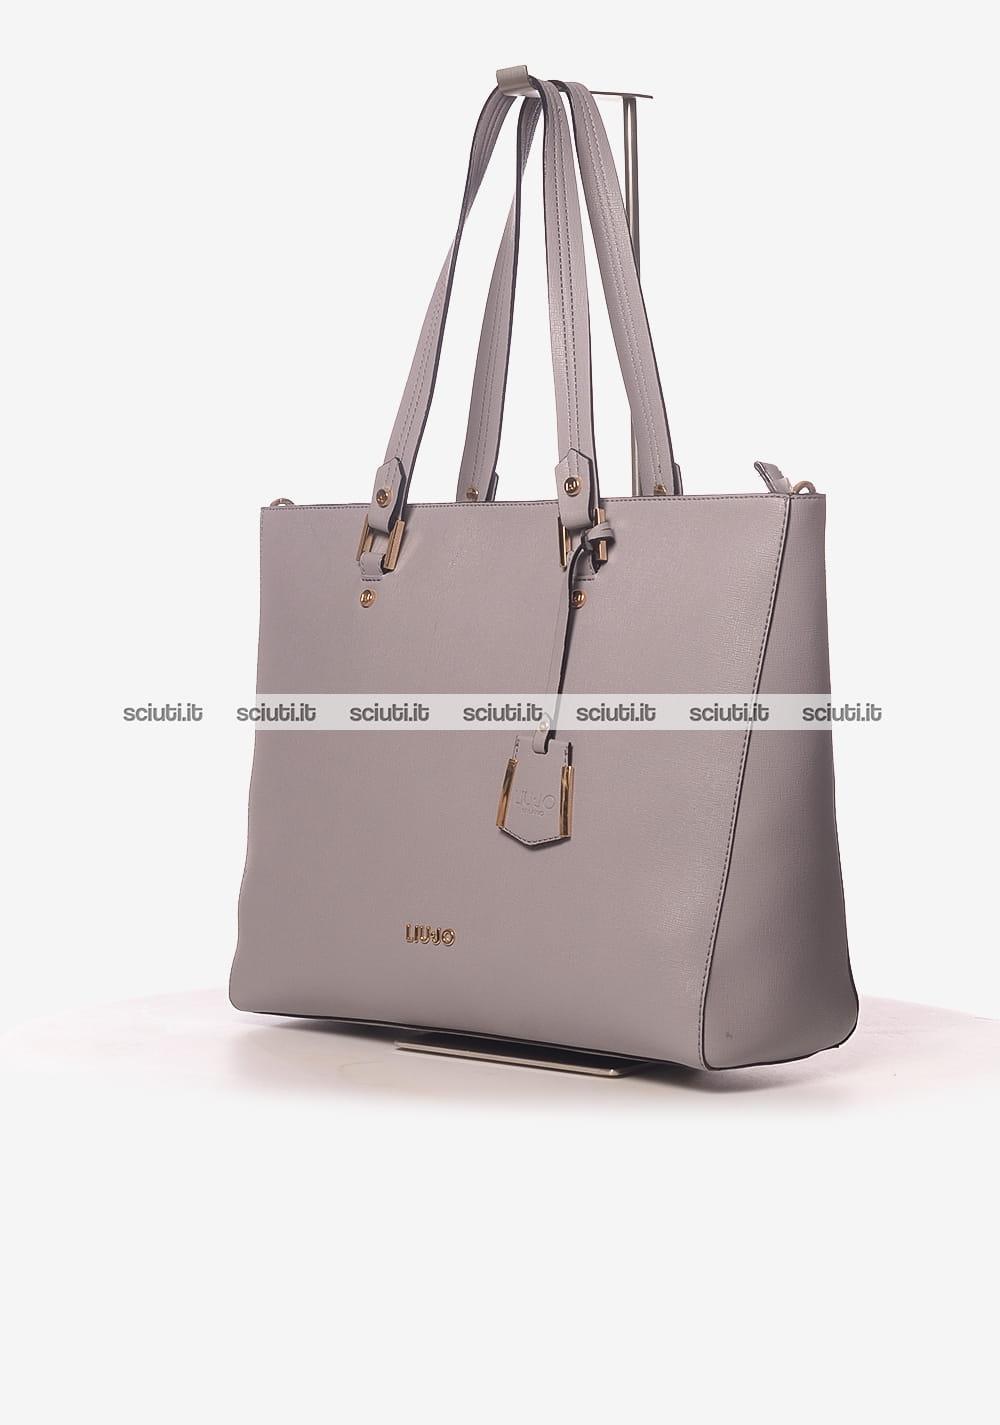 1e61365c1f Borsa shopping saffiano Liu Jo donna Isola grigio | Sciuti.it